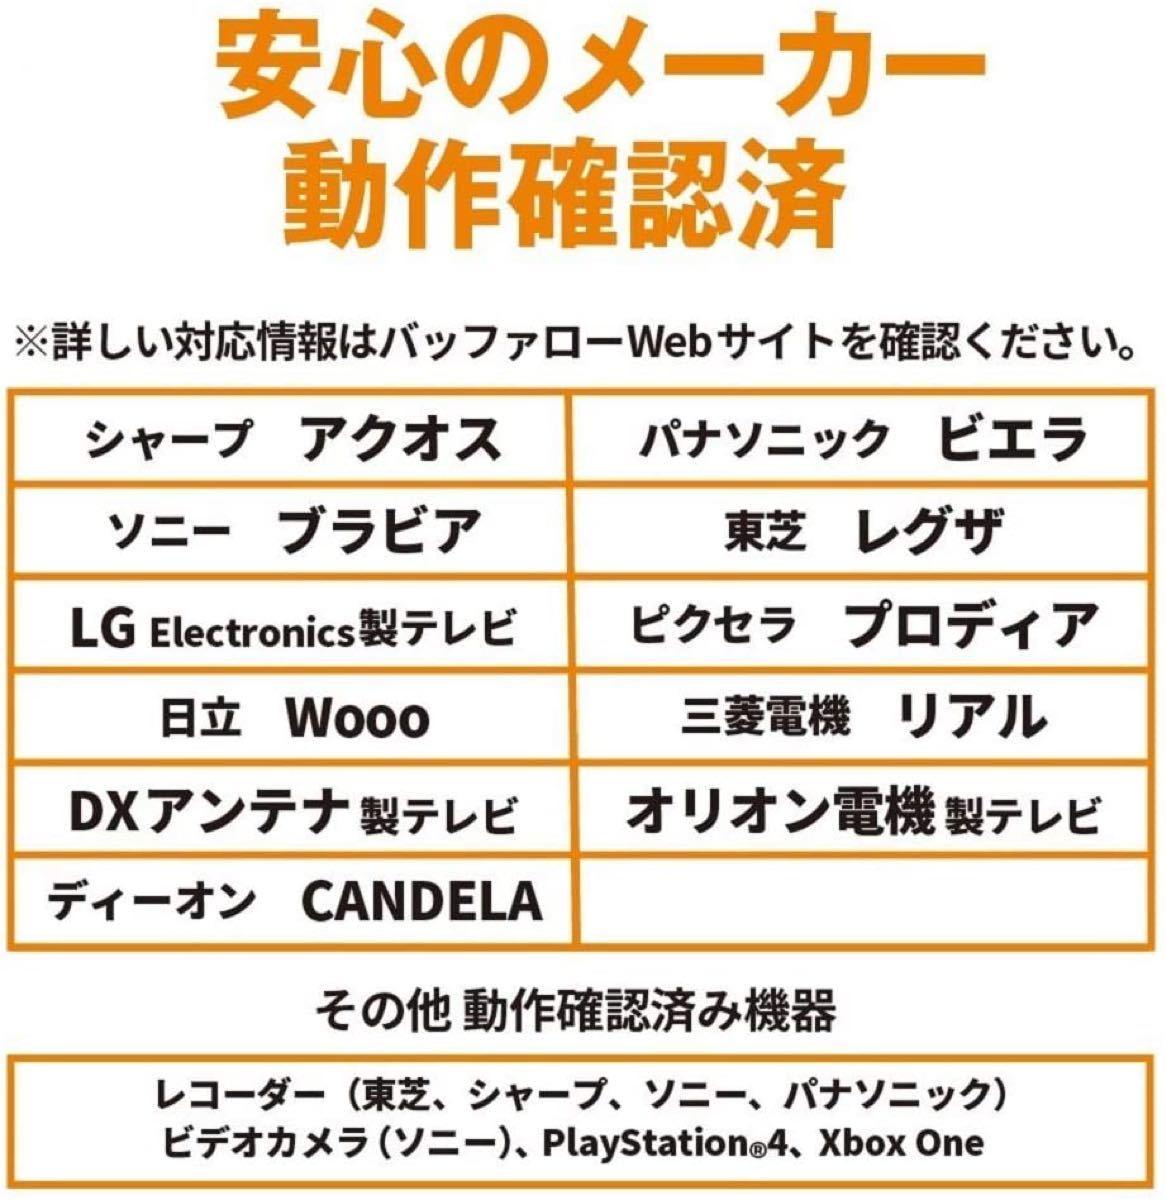 ★美品★ BUFFALO  3TB 外付けHDD ★ TV録画&レコーダー/PC(Win/macOS)/PS5対応 縦&横置き可能